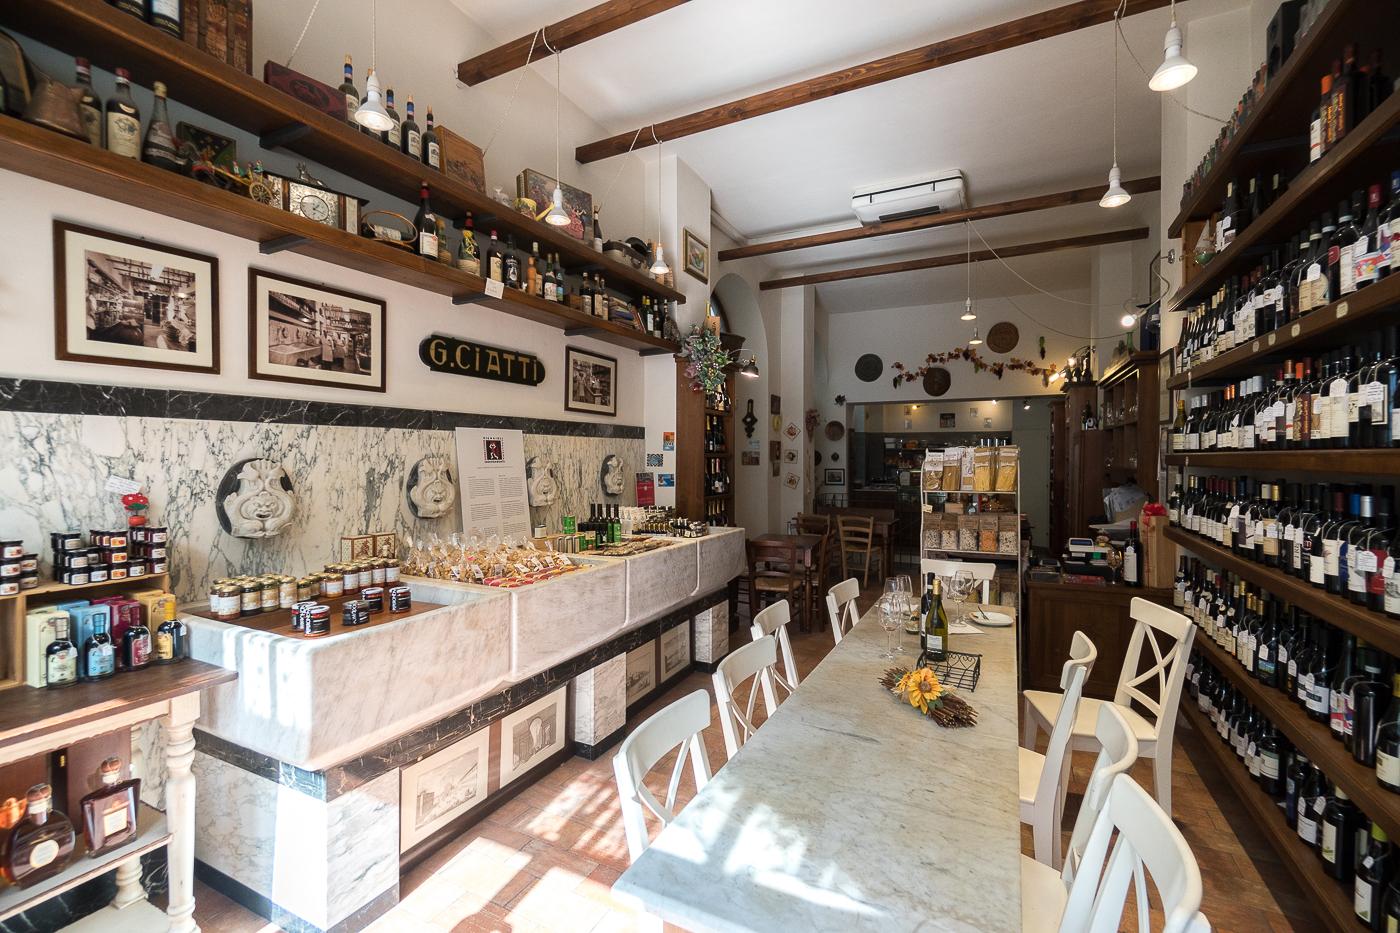 La Divina Enoteca - Où boire du vin - Florence, Italie